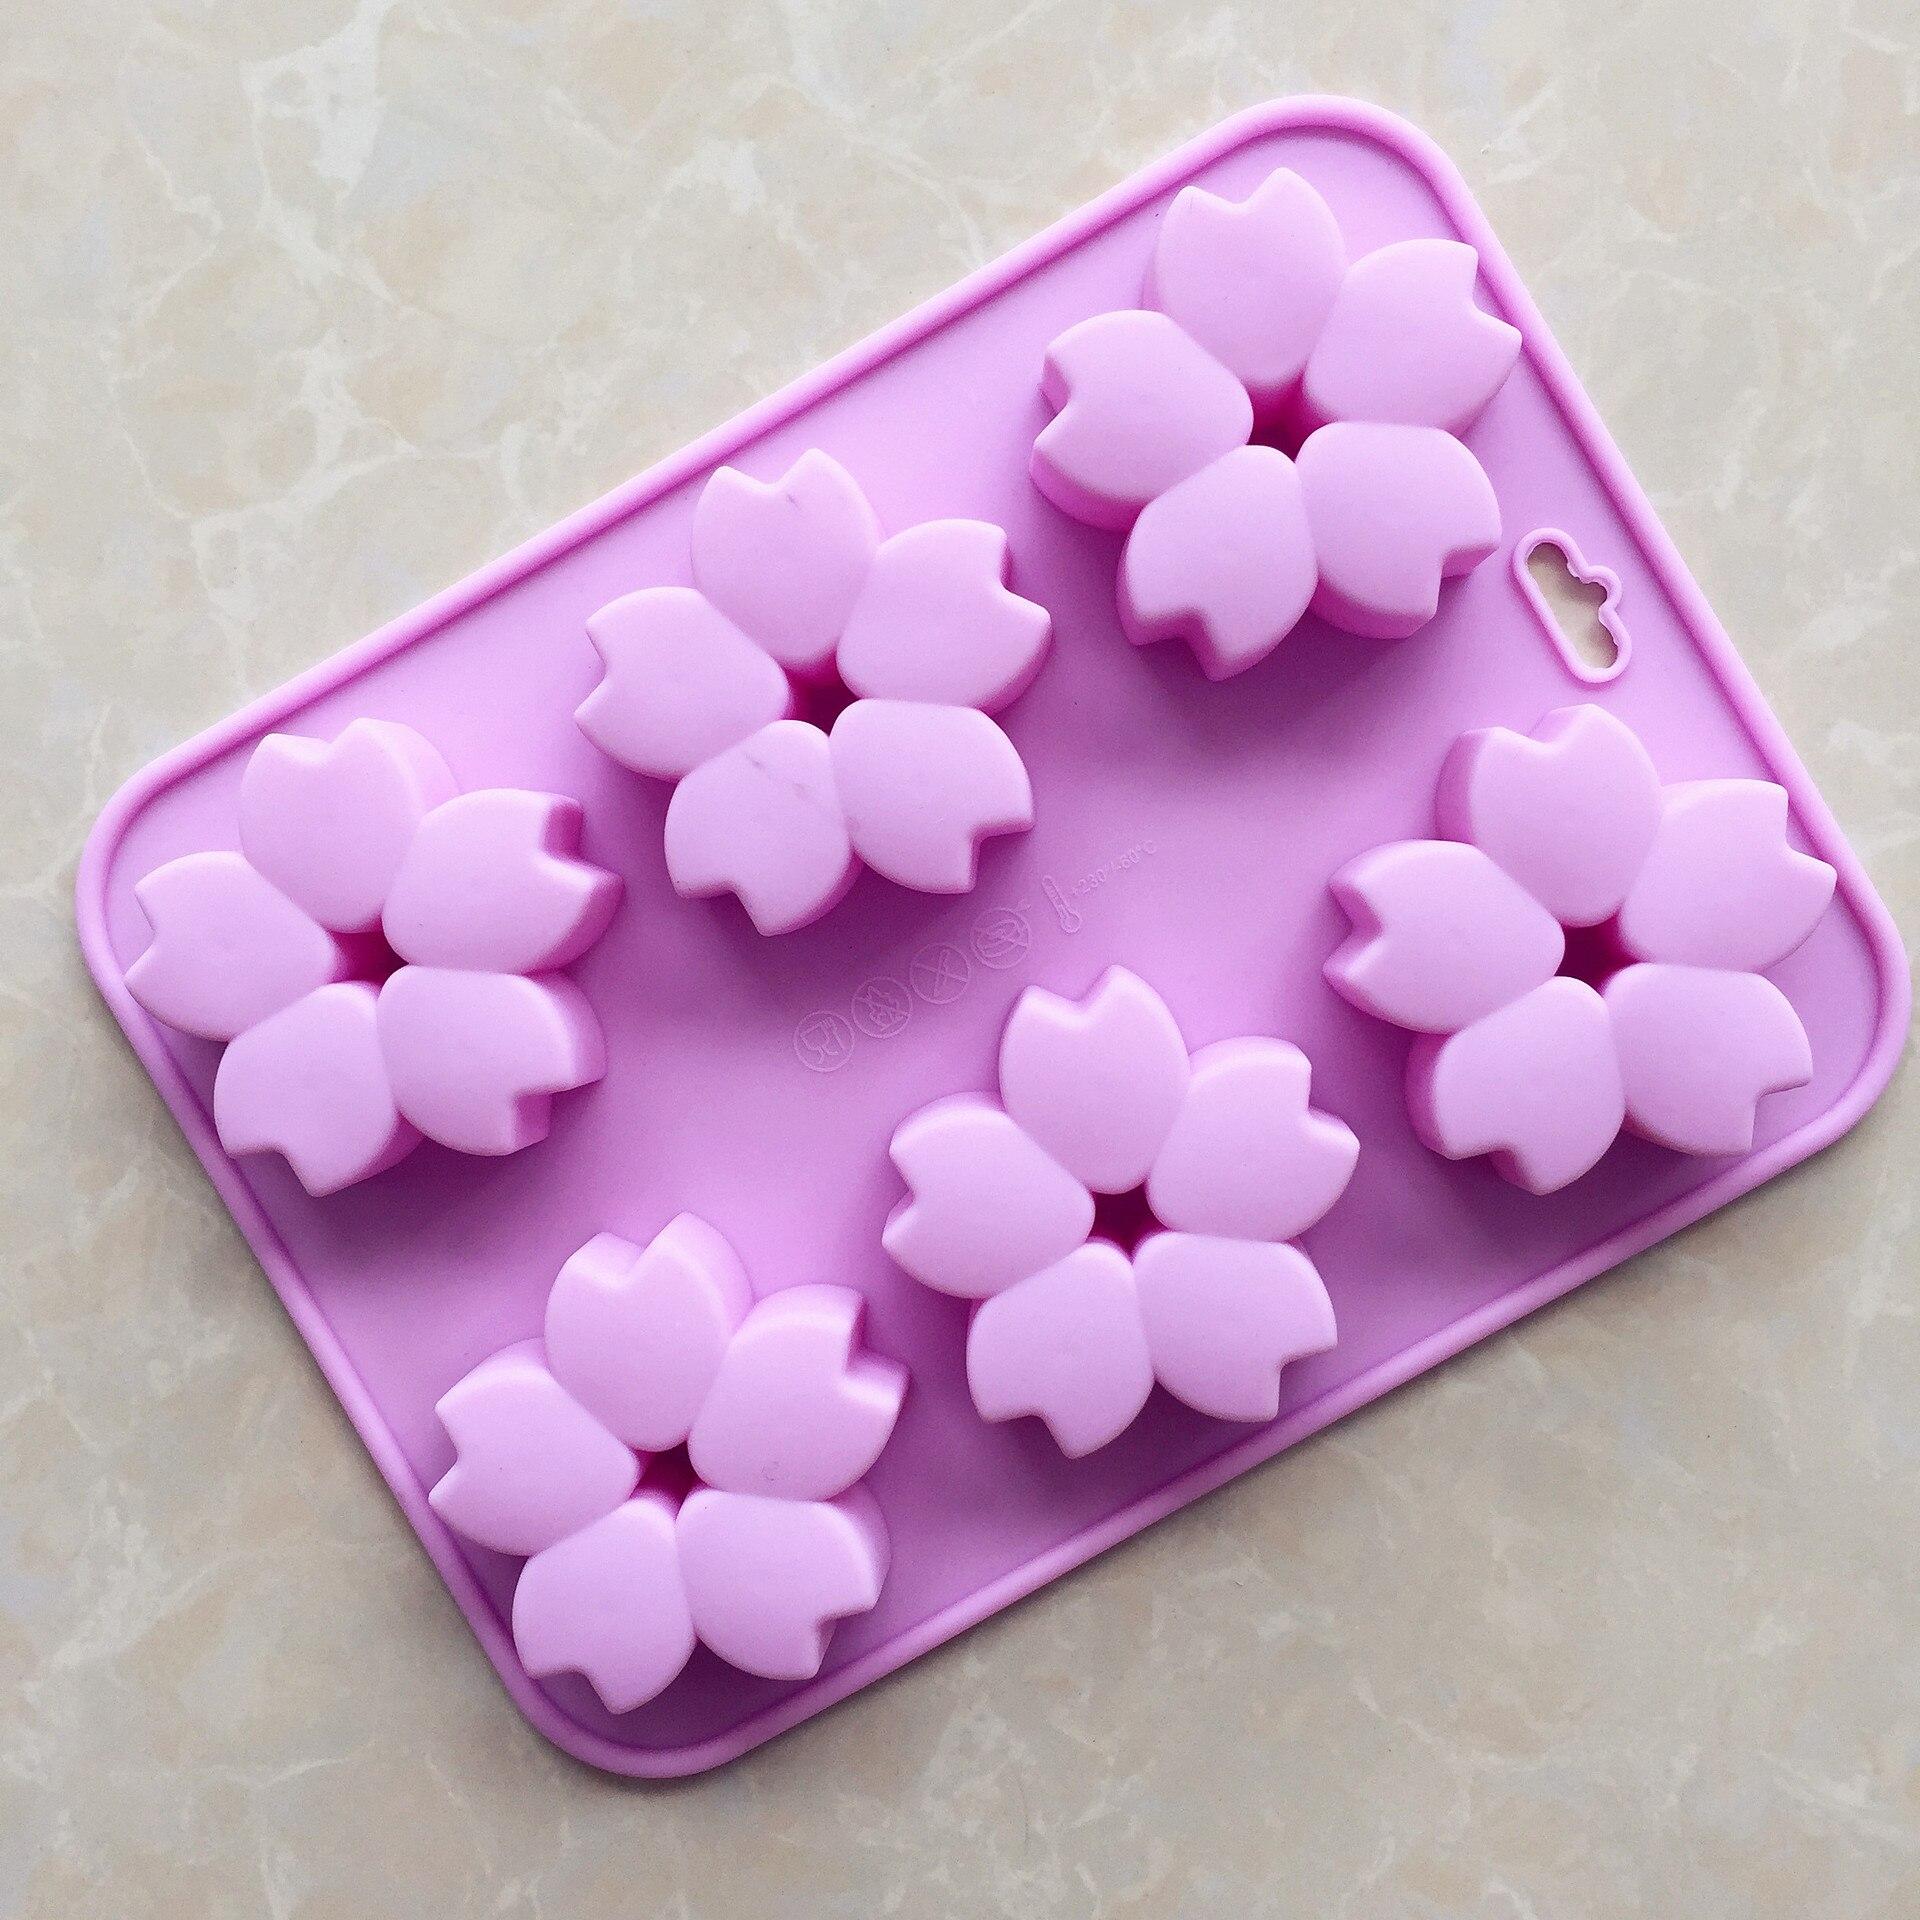 Flower Shape silicone cake mold aromatherapy gypsum pendant Craft Soap Making Molds